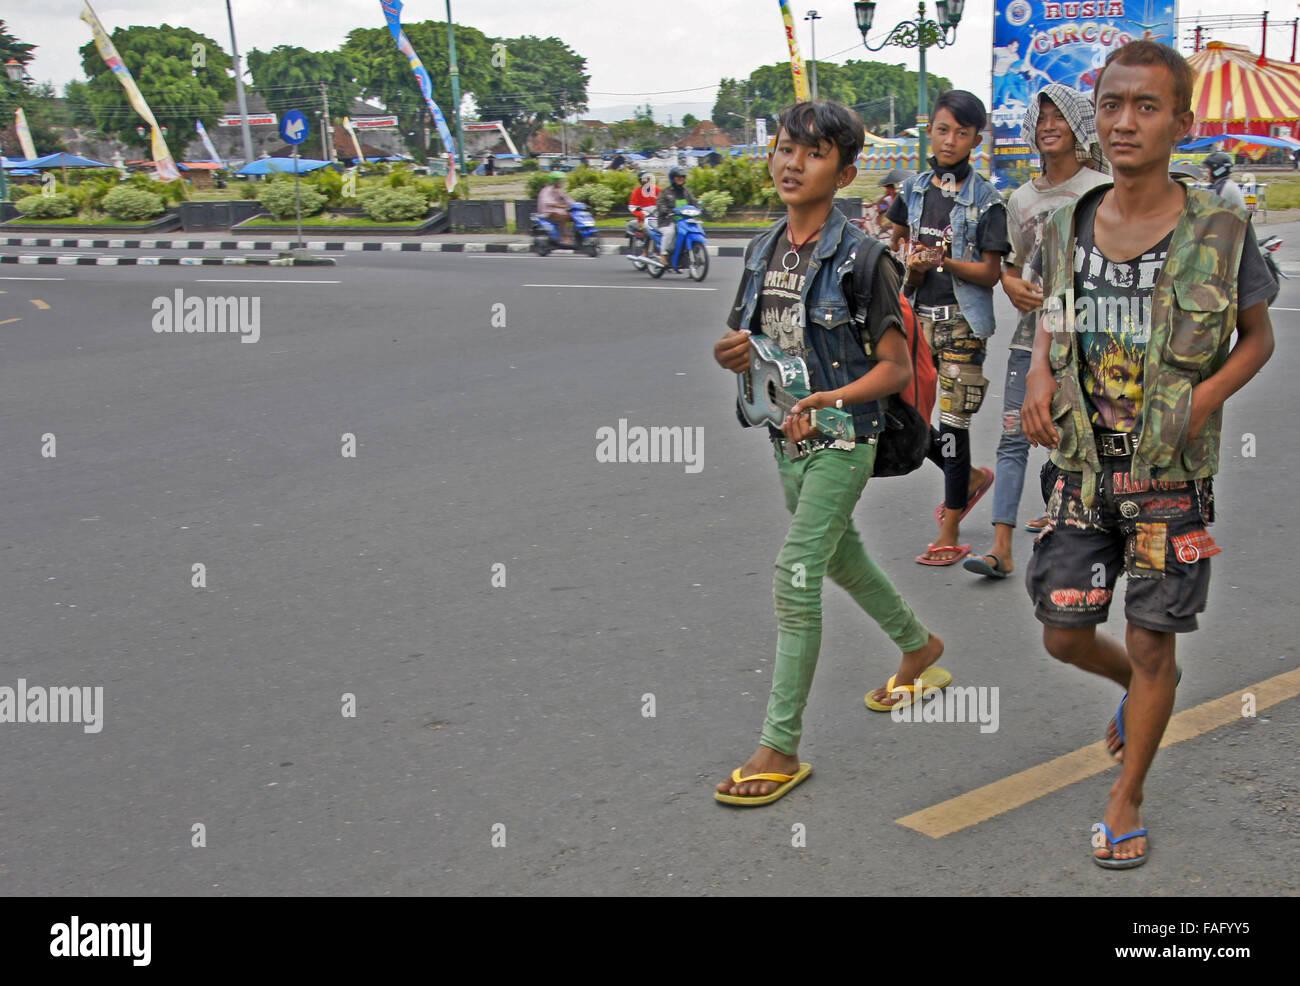 Javanese punks in street - Stock Image